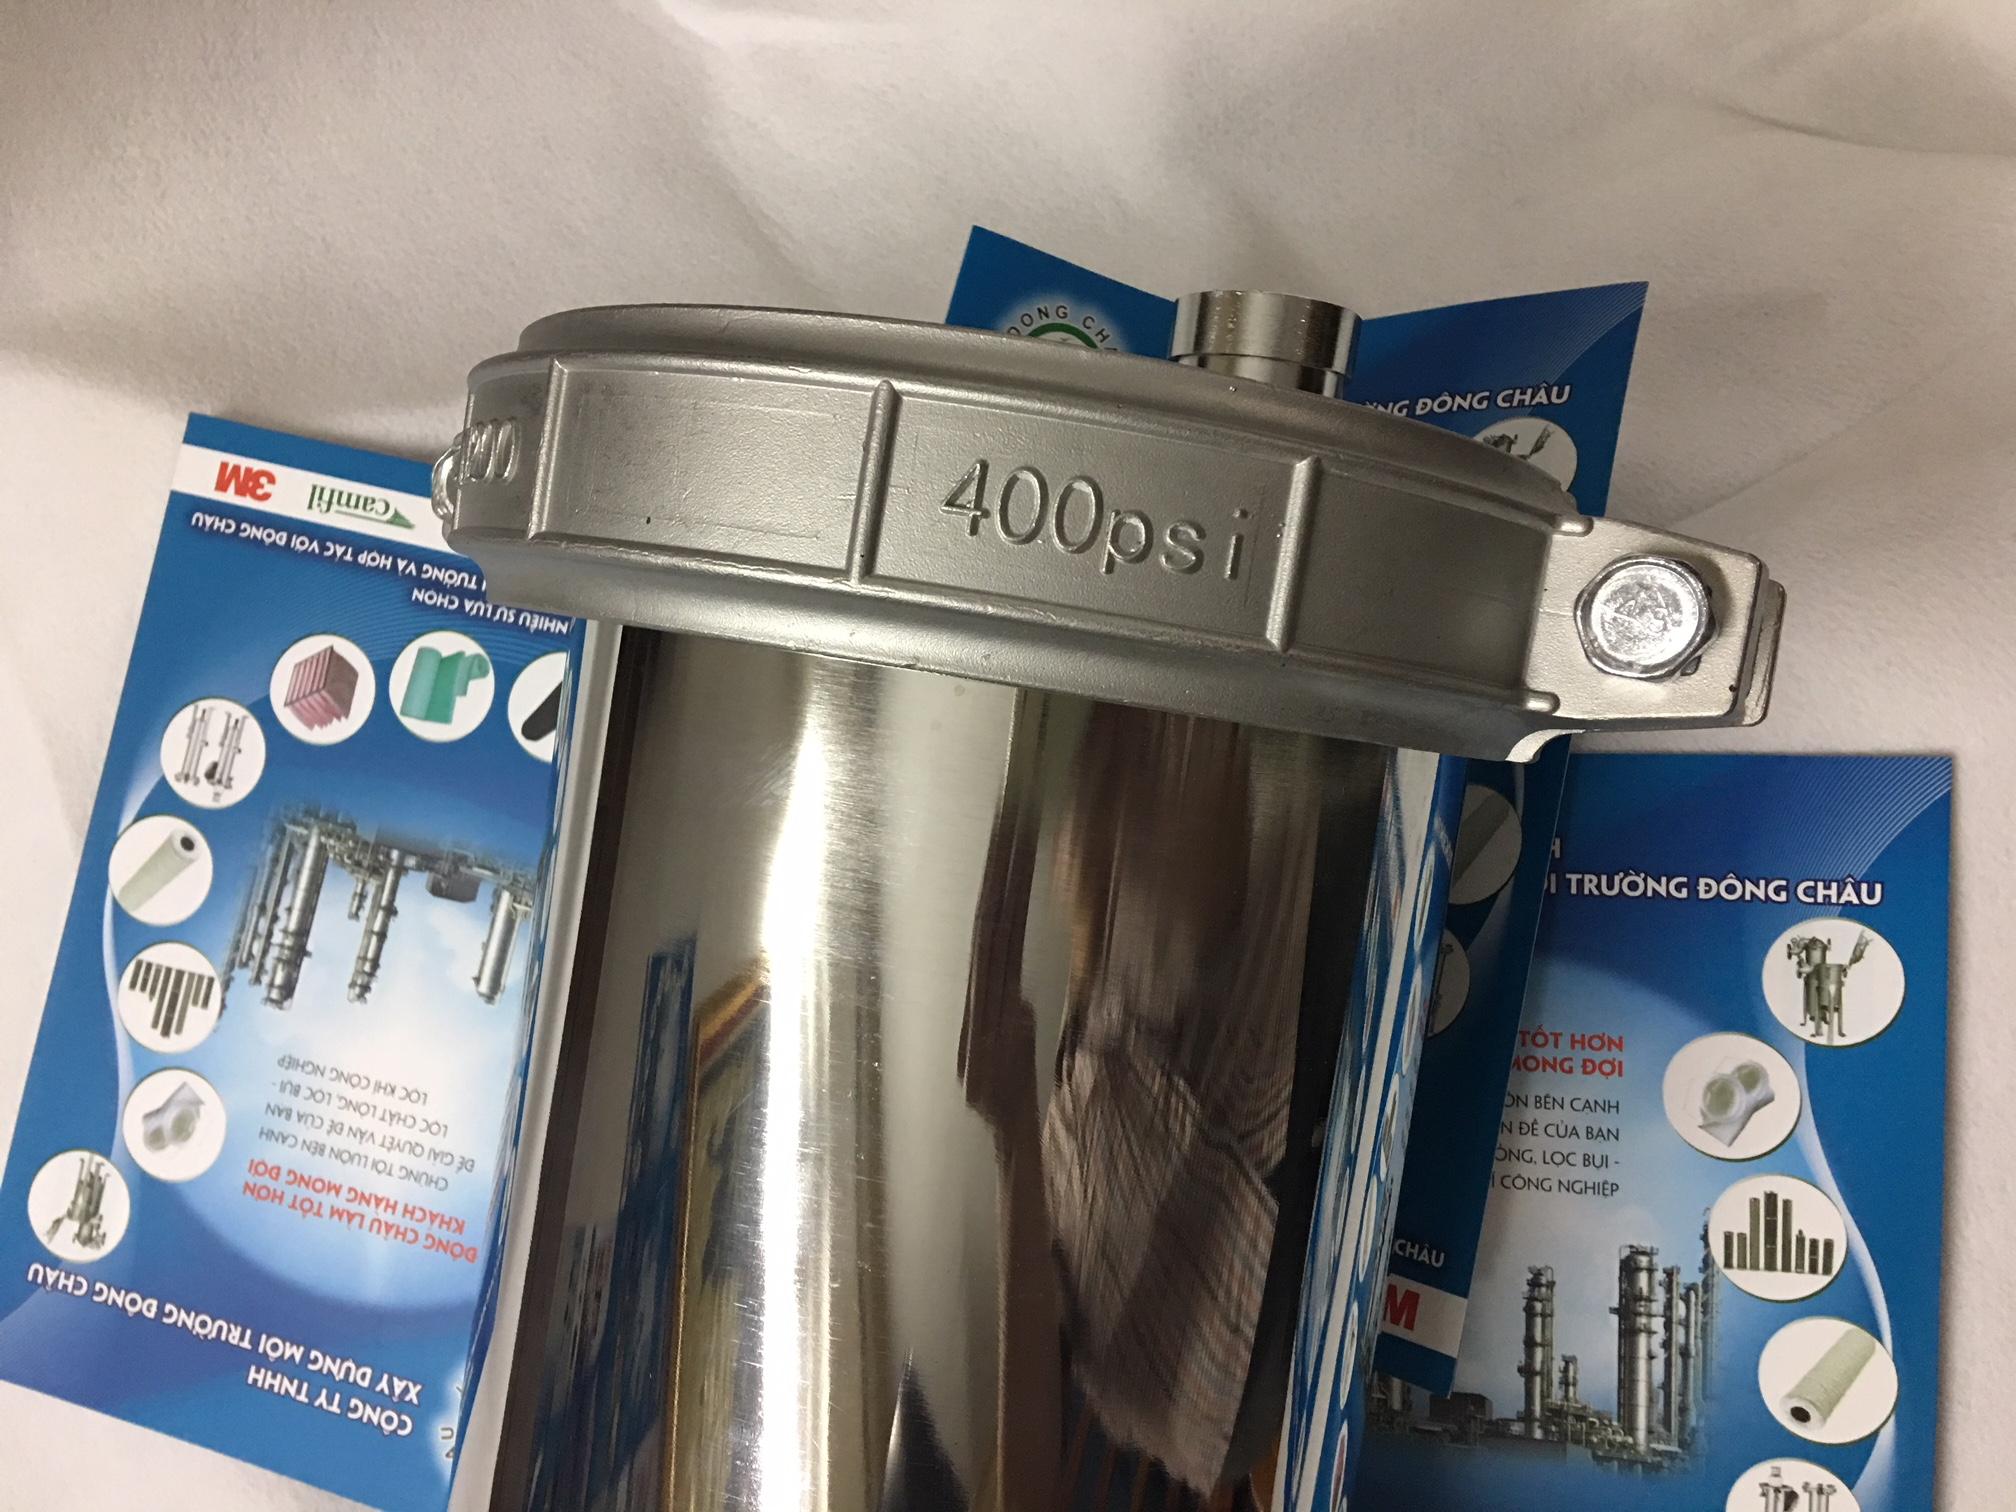 Vỏ Màng RO 8040 Inox 304